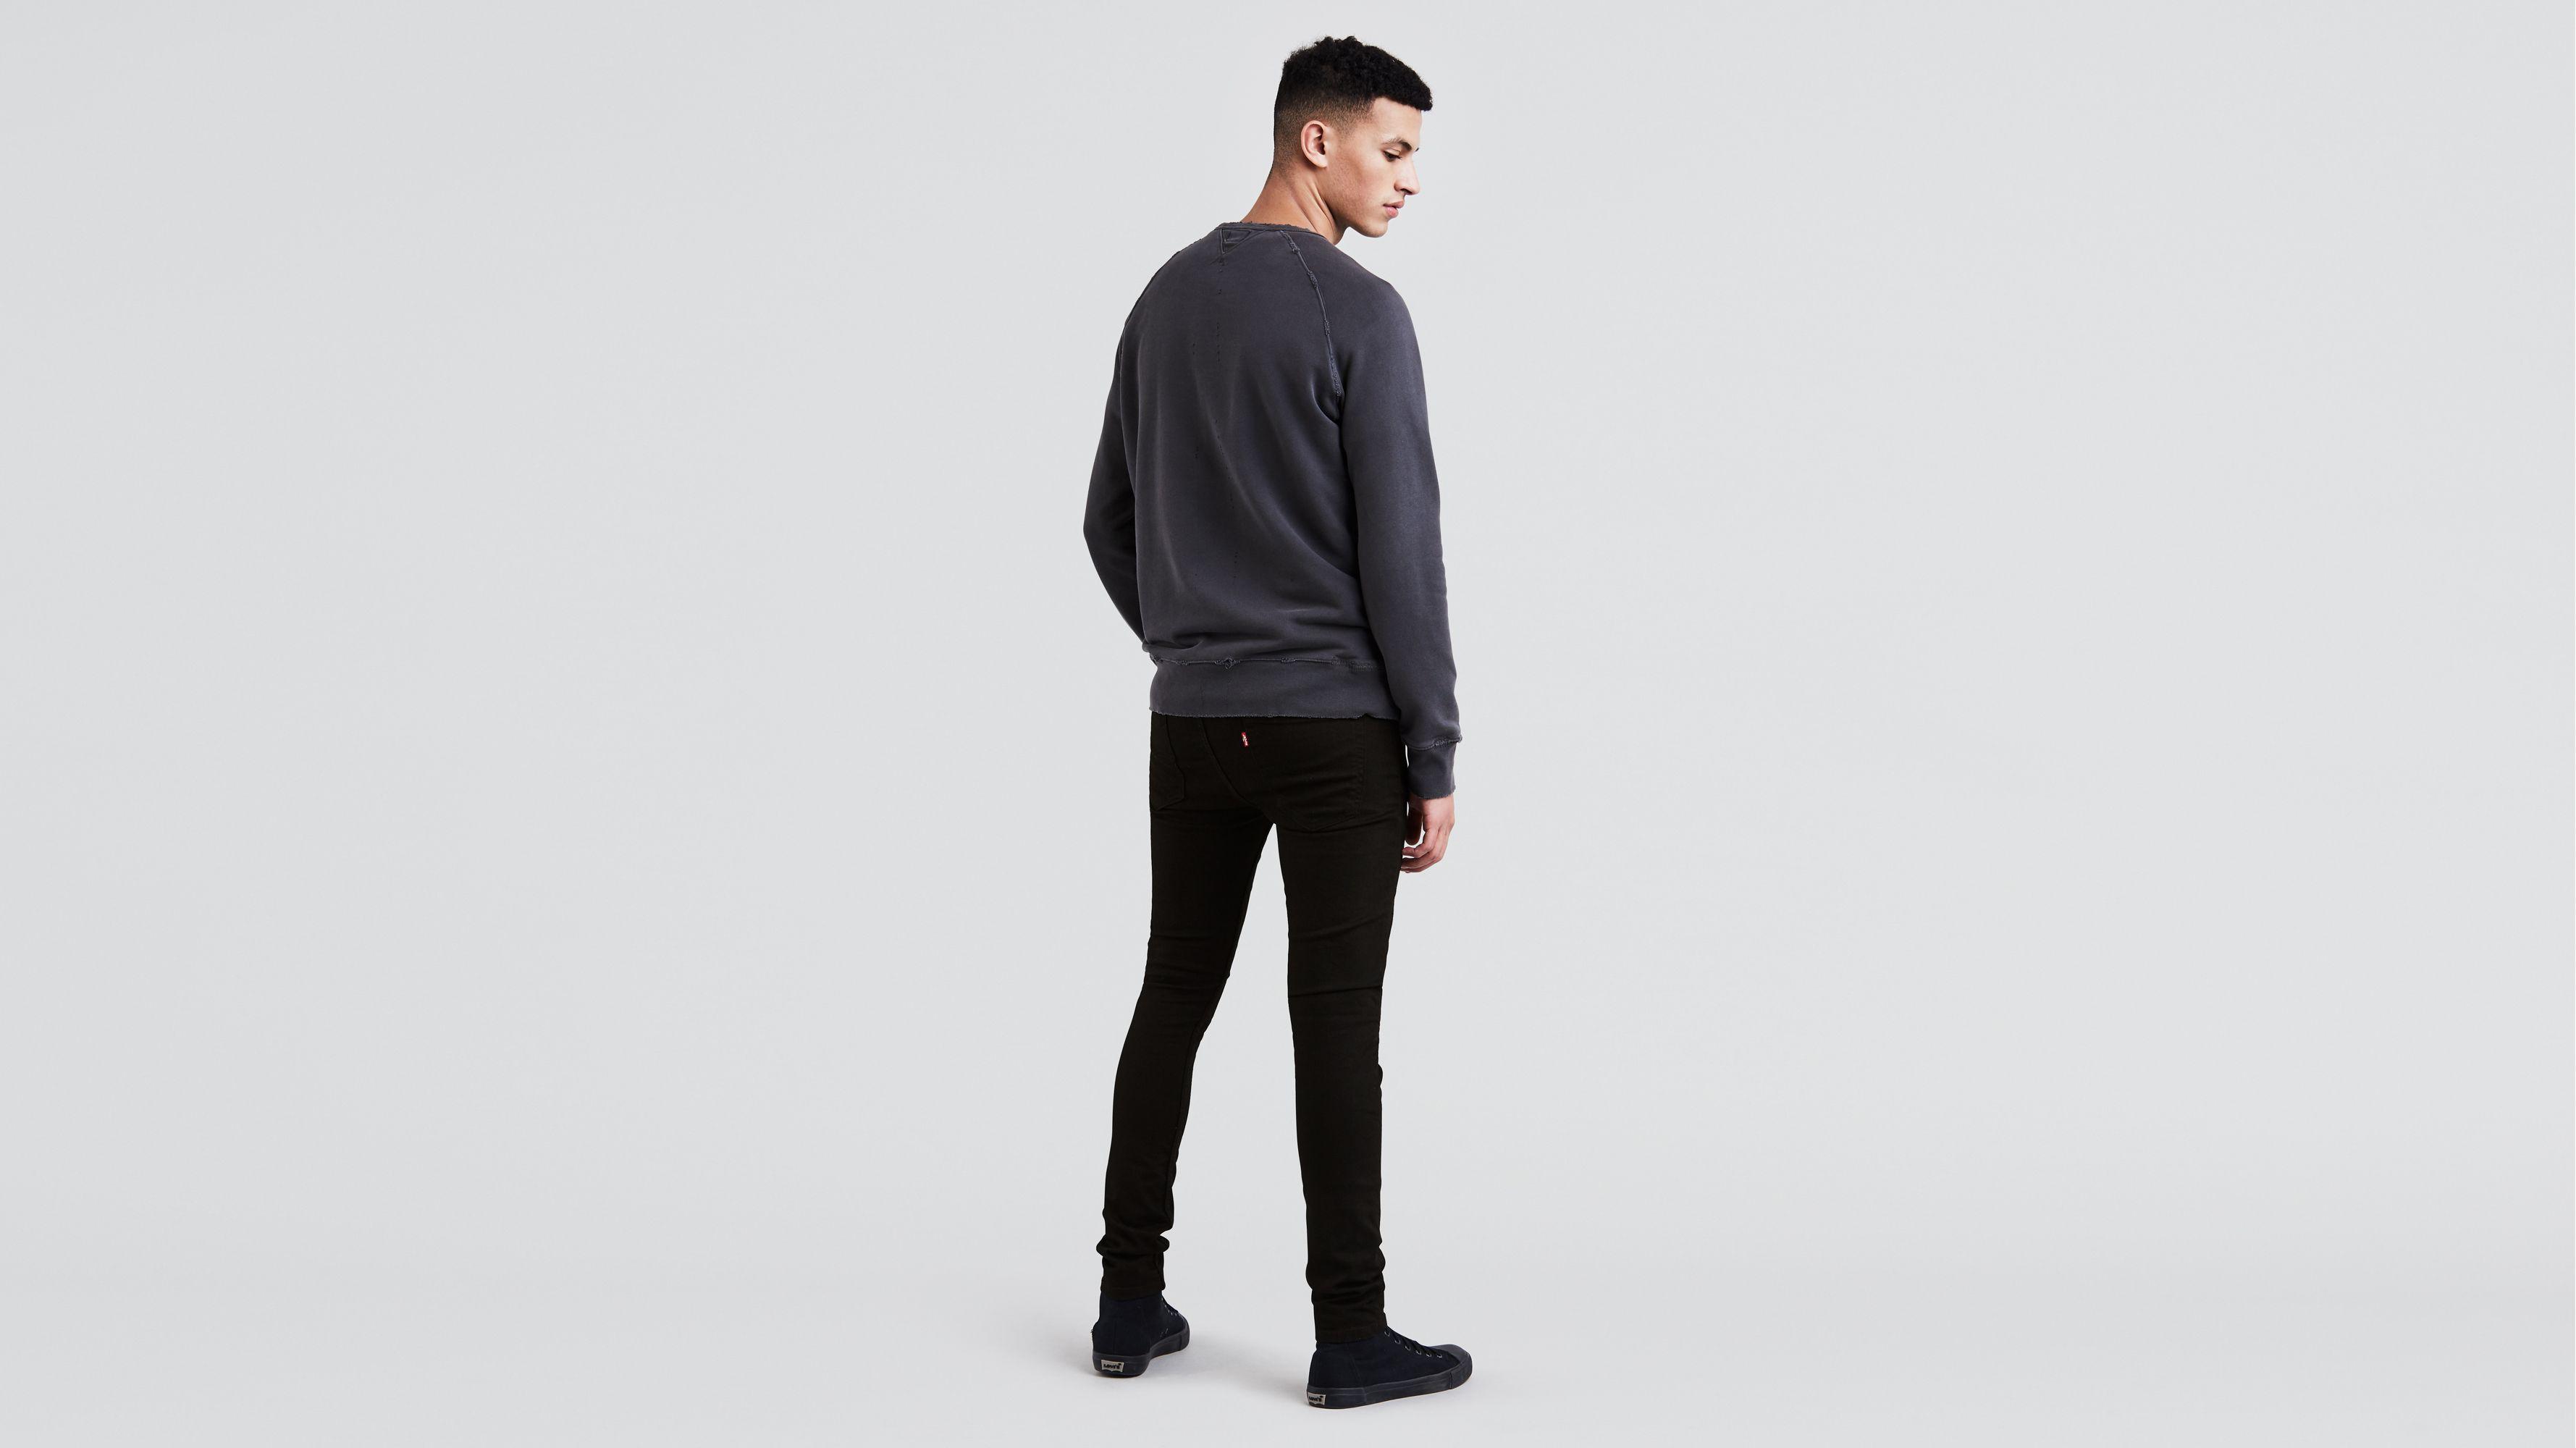 2539ec707 519™ Extreme Skinny Men's Jeans - Black | Levi's® US